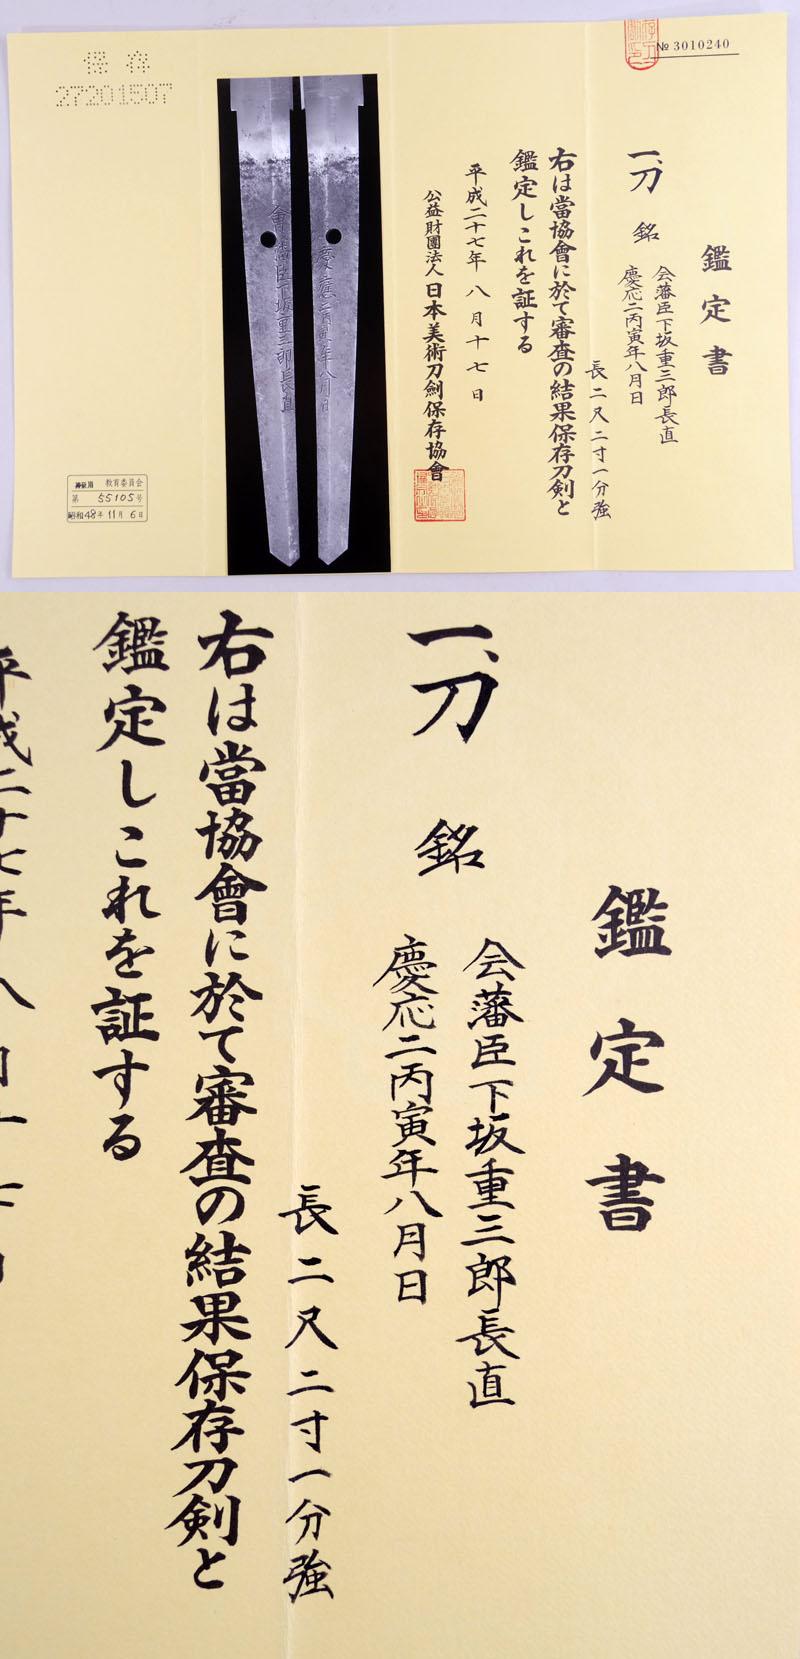 会藩臣下坂重三郎長直 Picture of Certificate